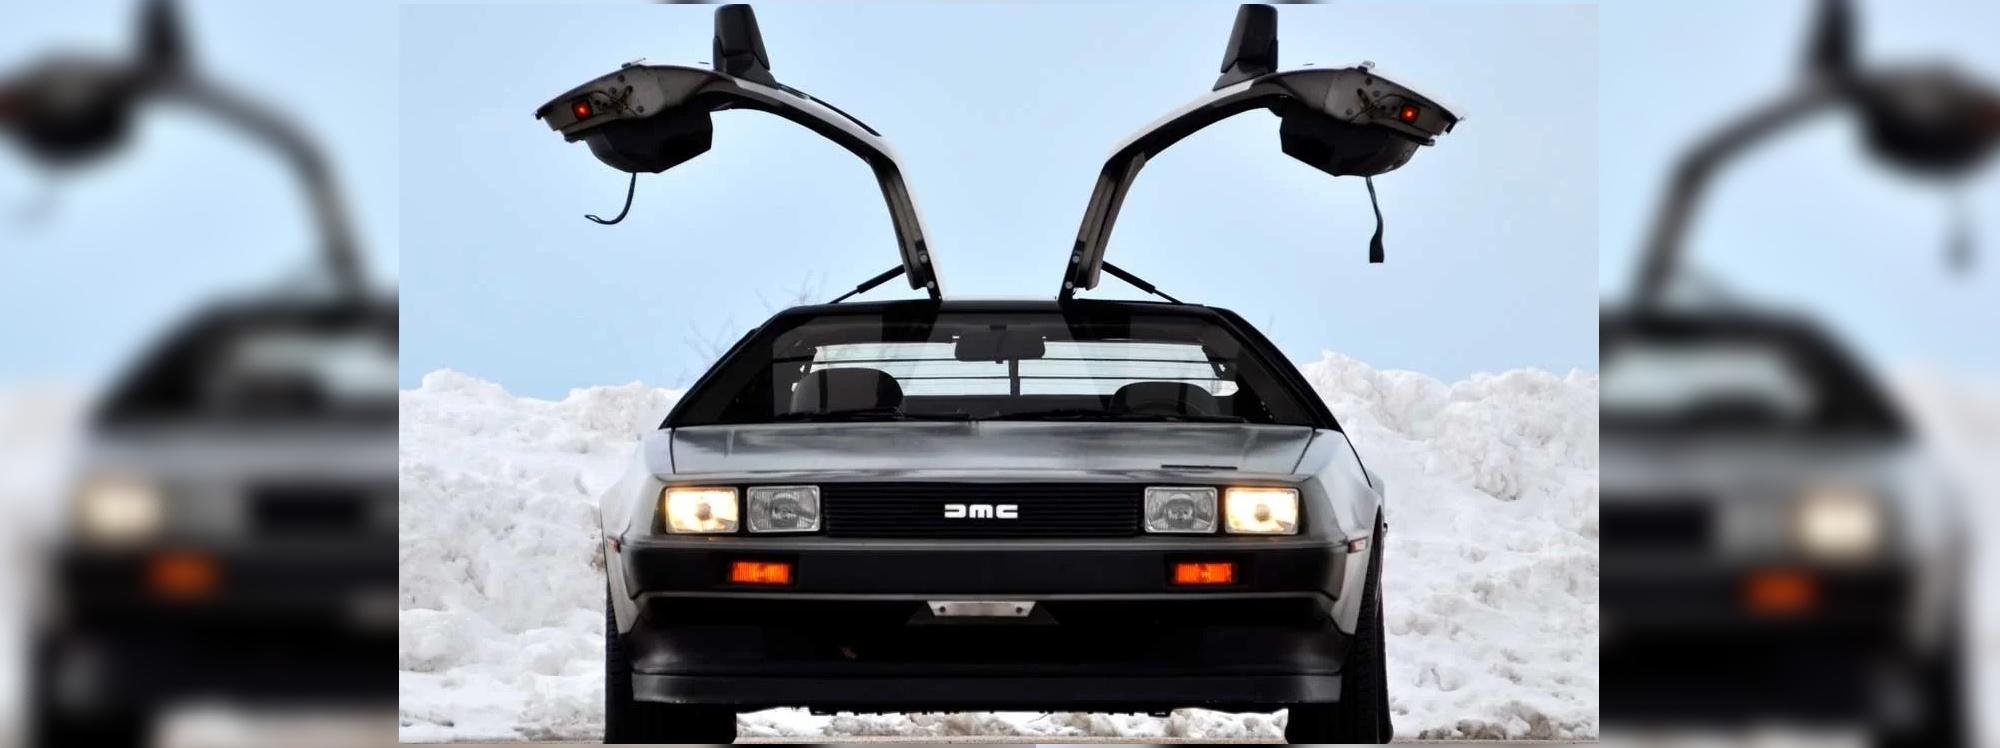 Volver del pasado: el DeLorean podría regresar como un modelo eléctrico